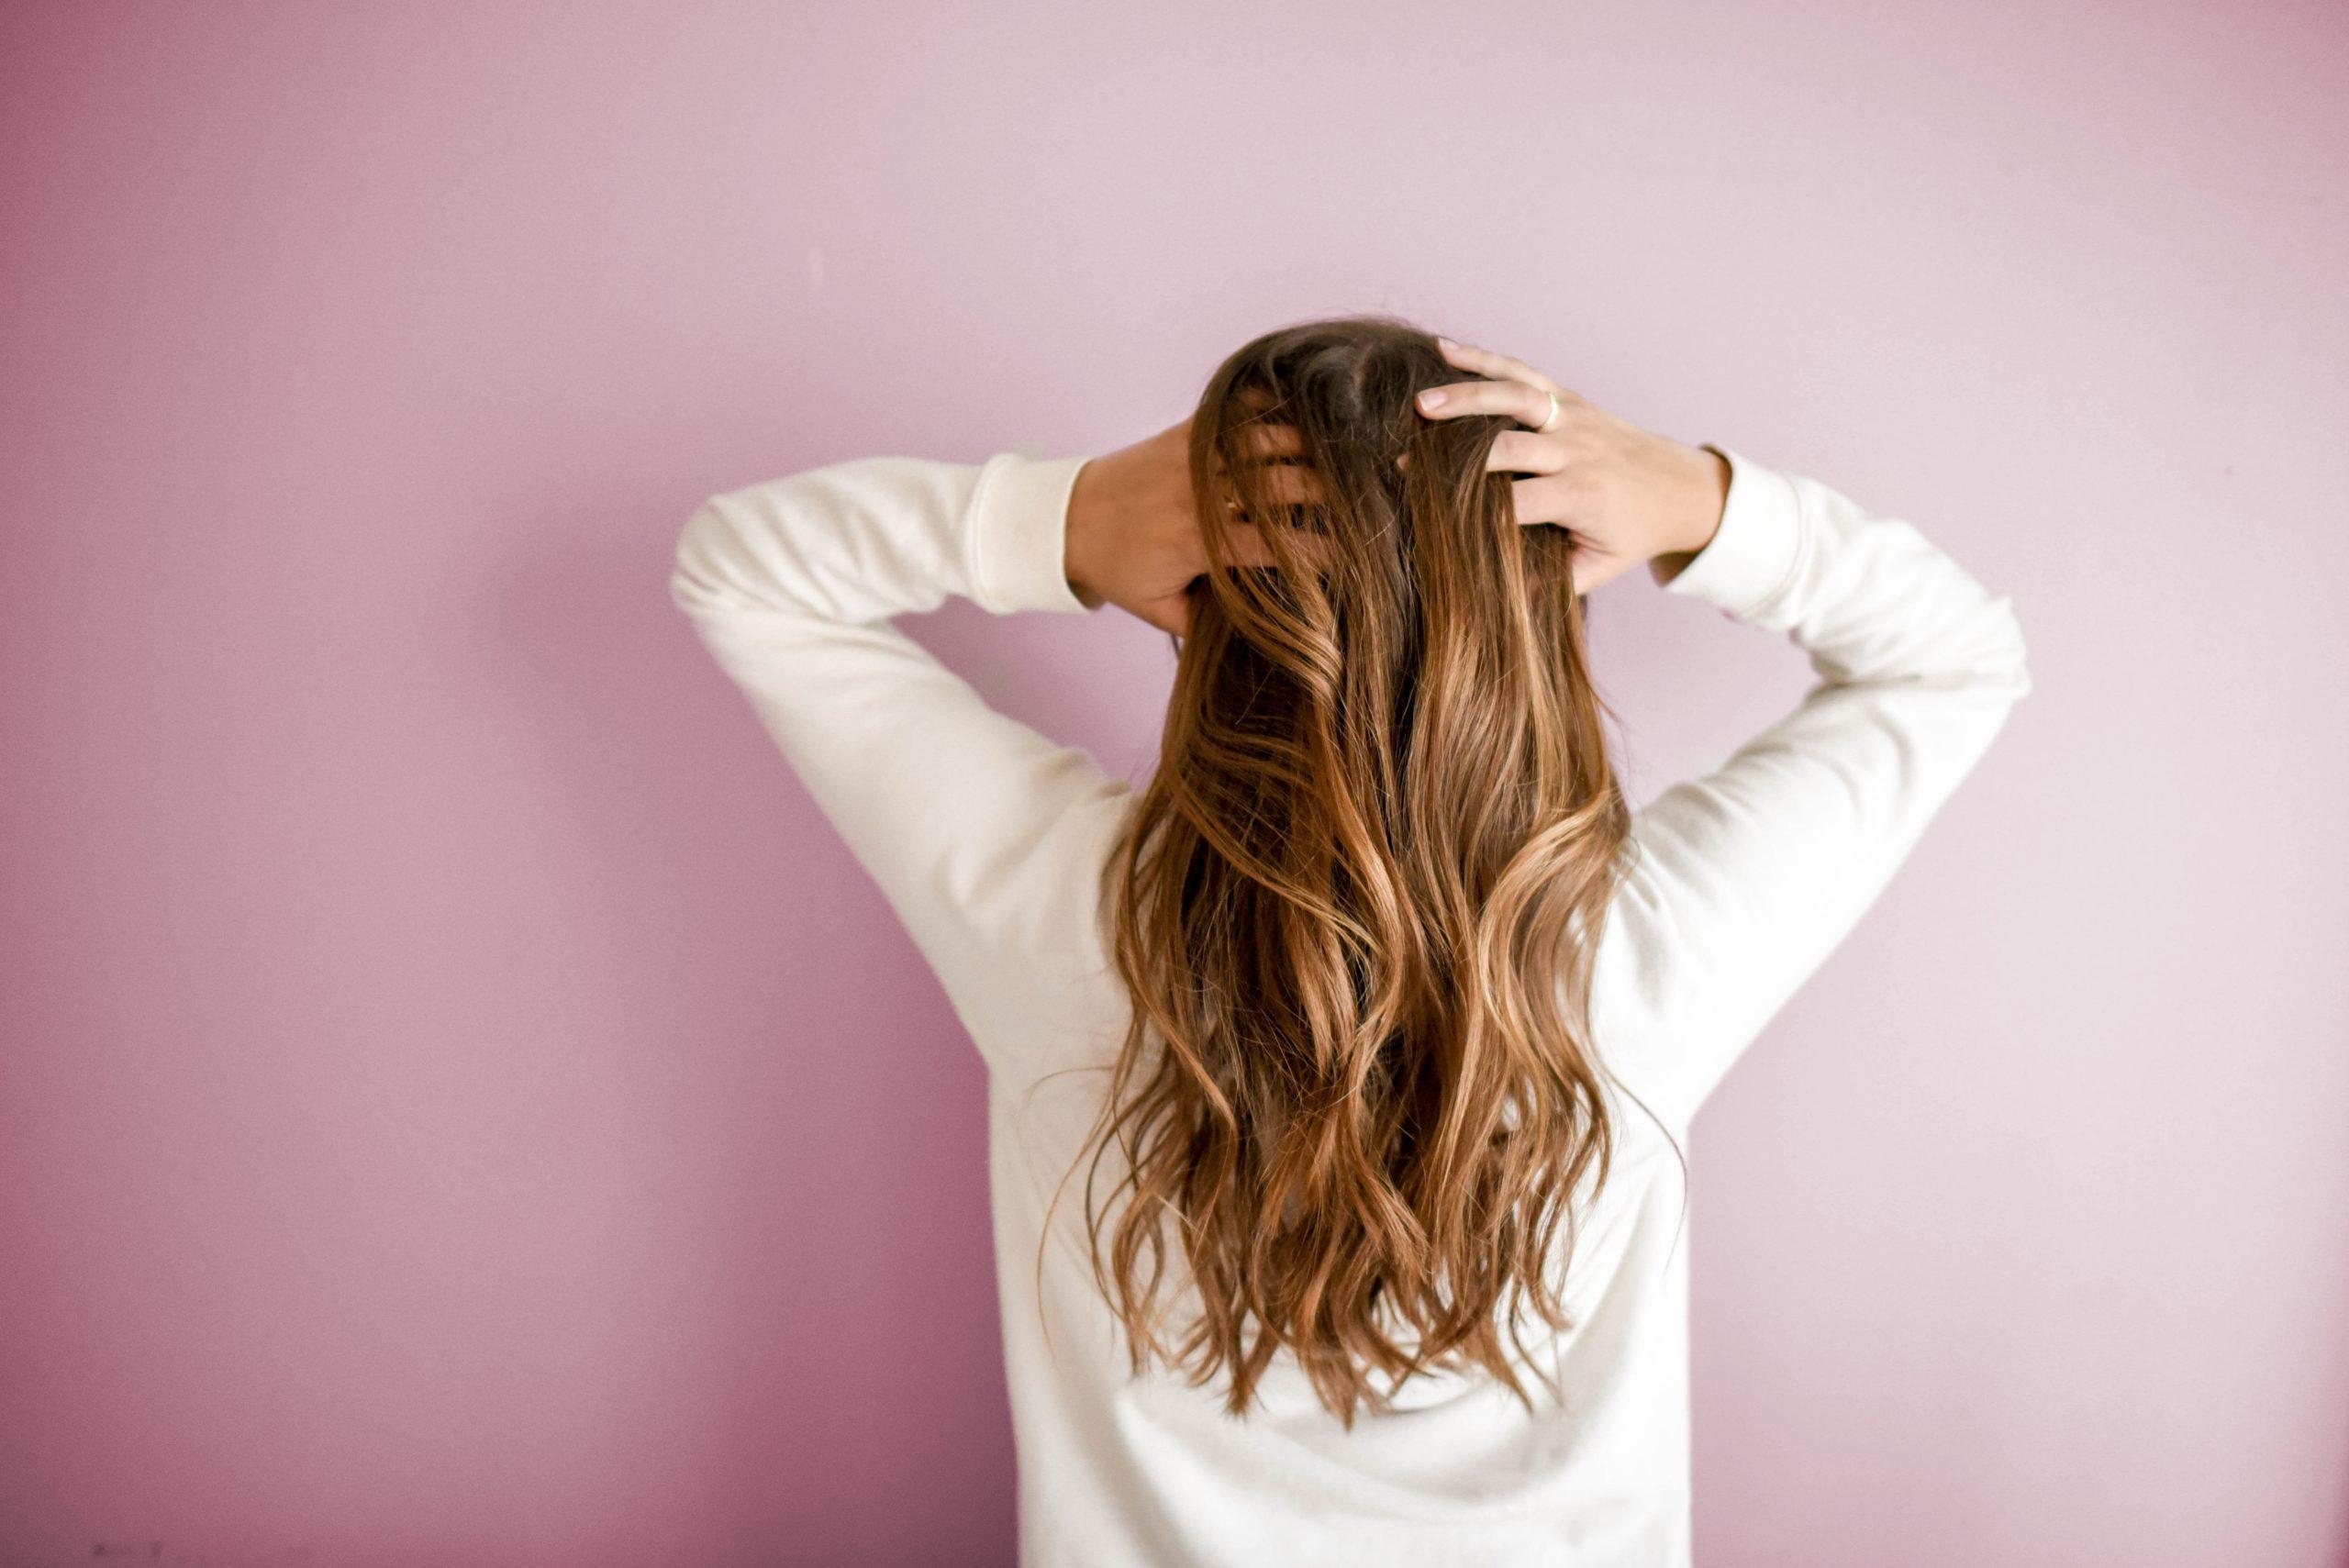 Karinealook - Mcnutrition - Soins pour les cheveux - masque naturel à la banane pour les cheveux.